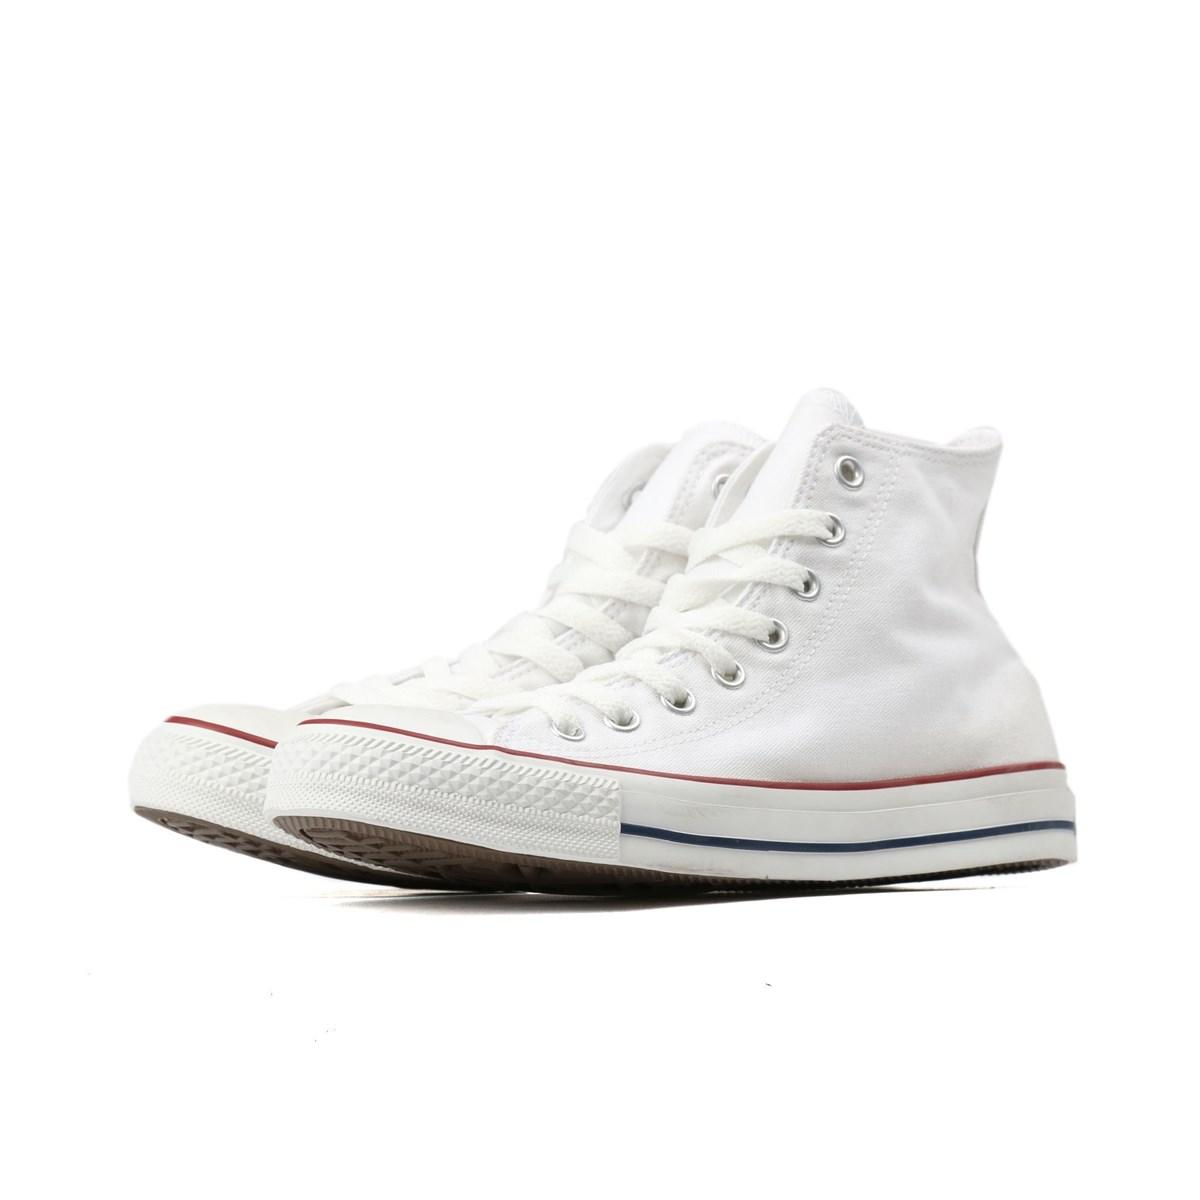 Chuck Taylor All Star Beyaz Spor Ayakkabı (M7650C)